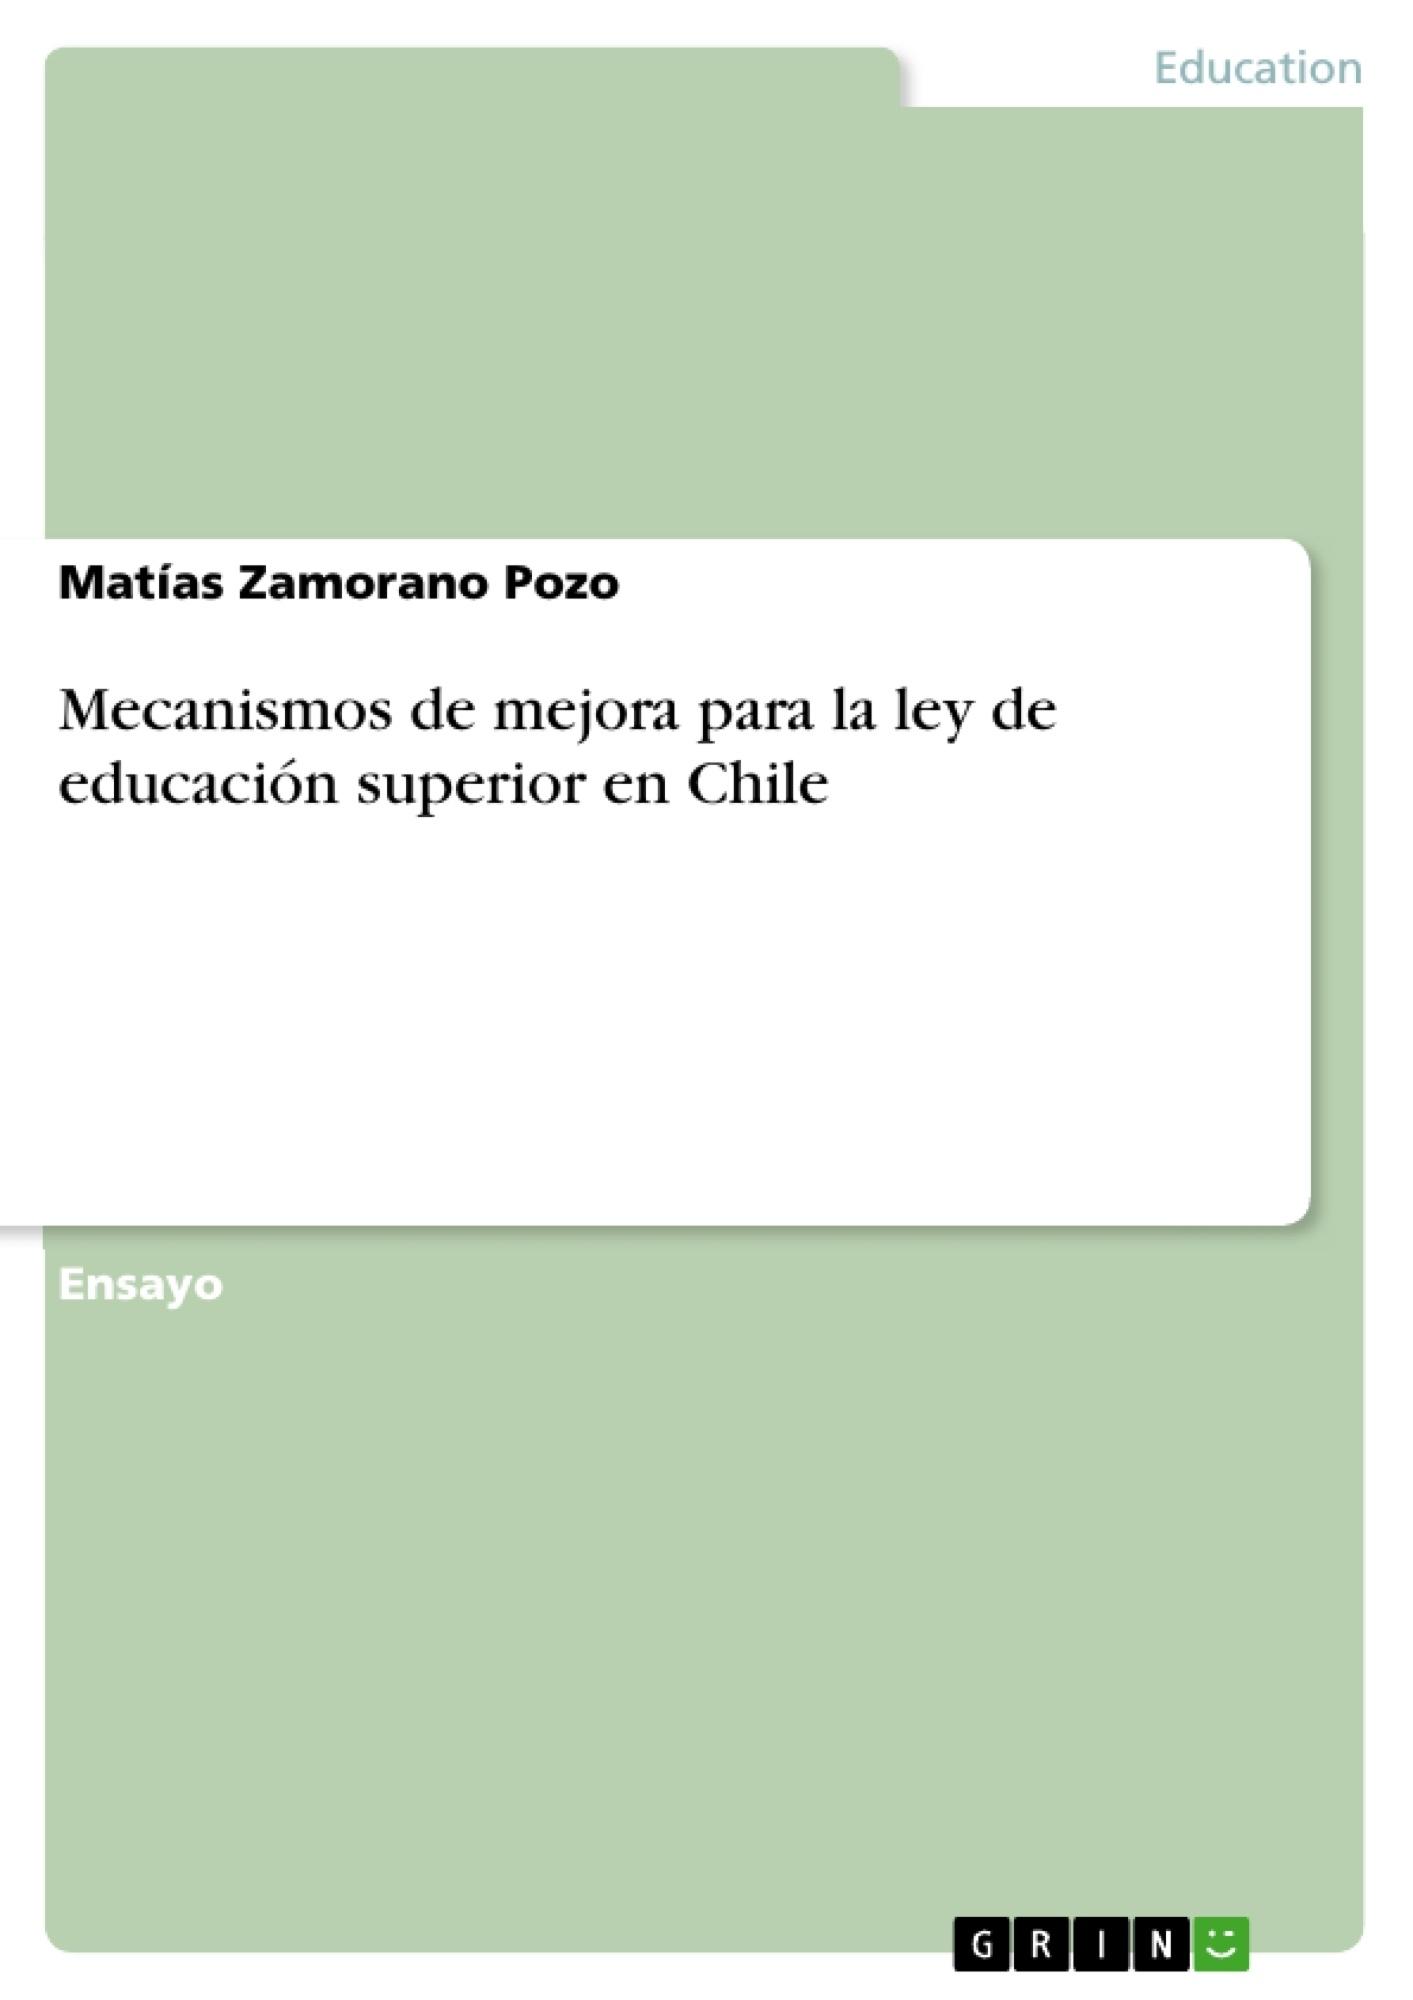 Título: Mecanismos de mejora para la ley de educación superior en Chile